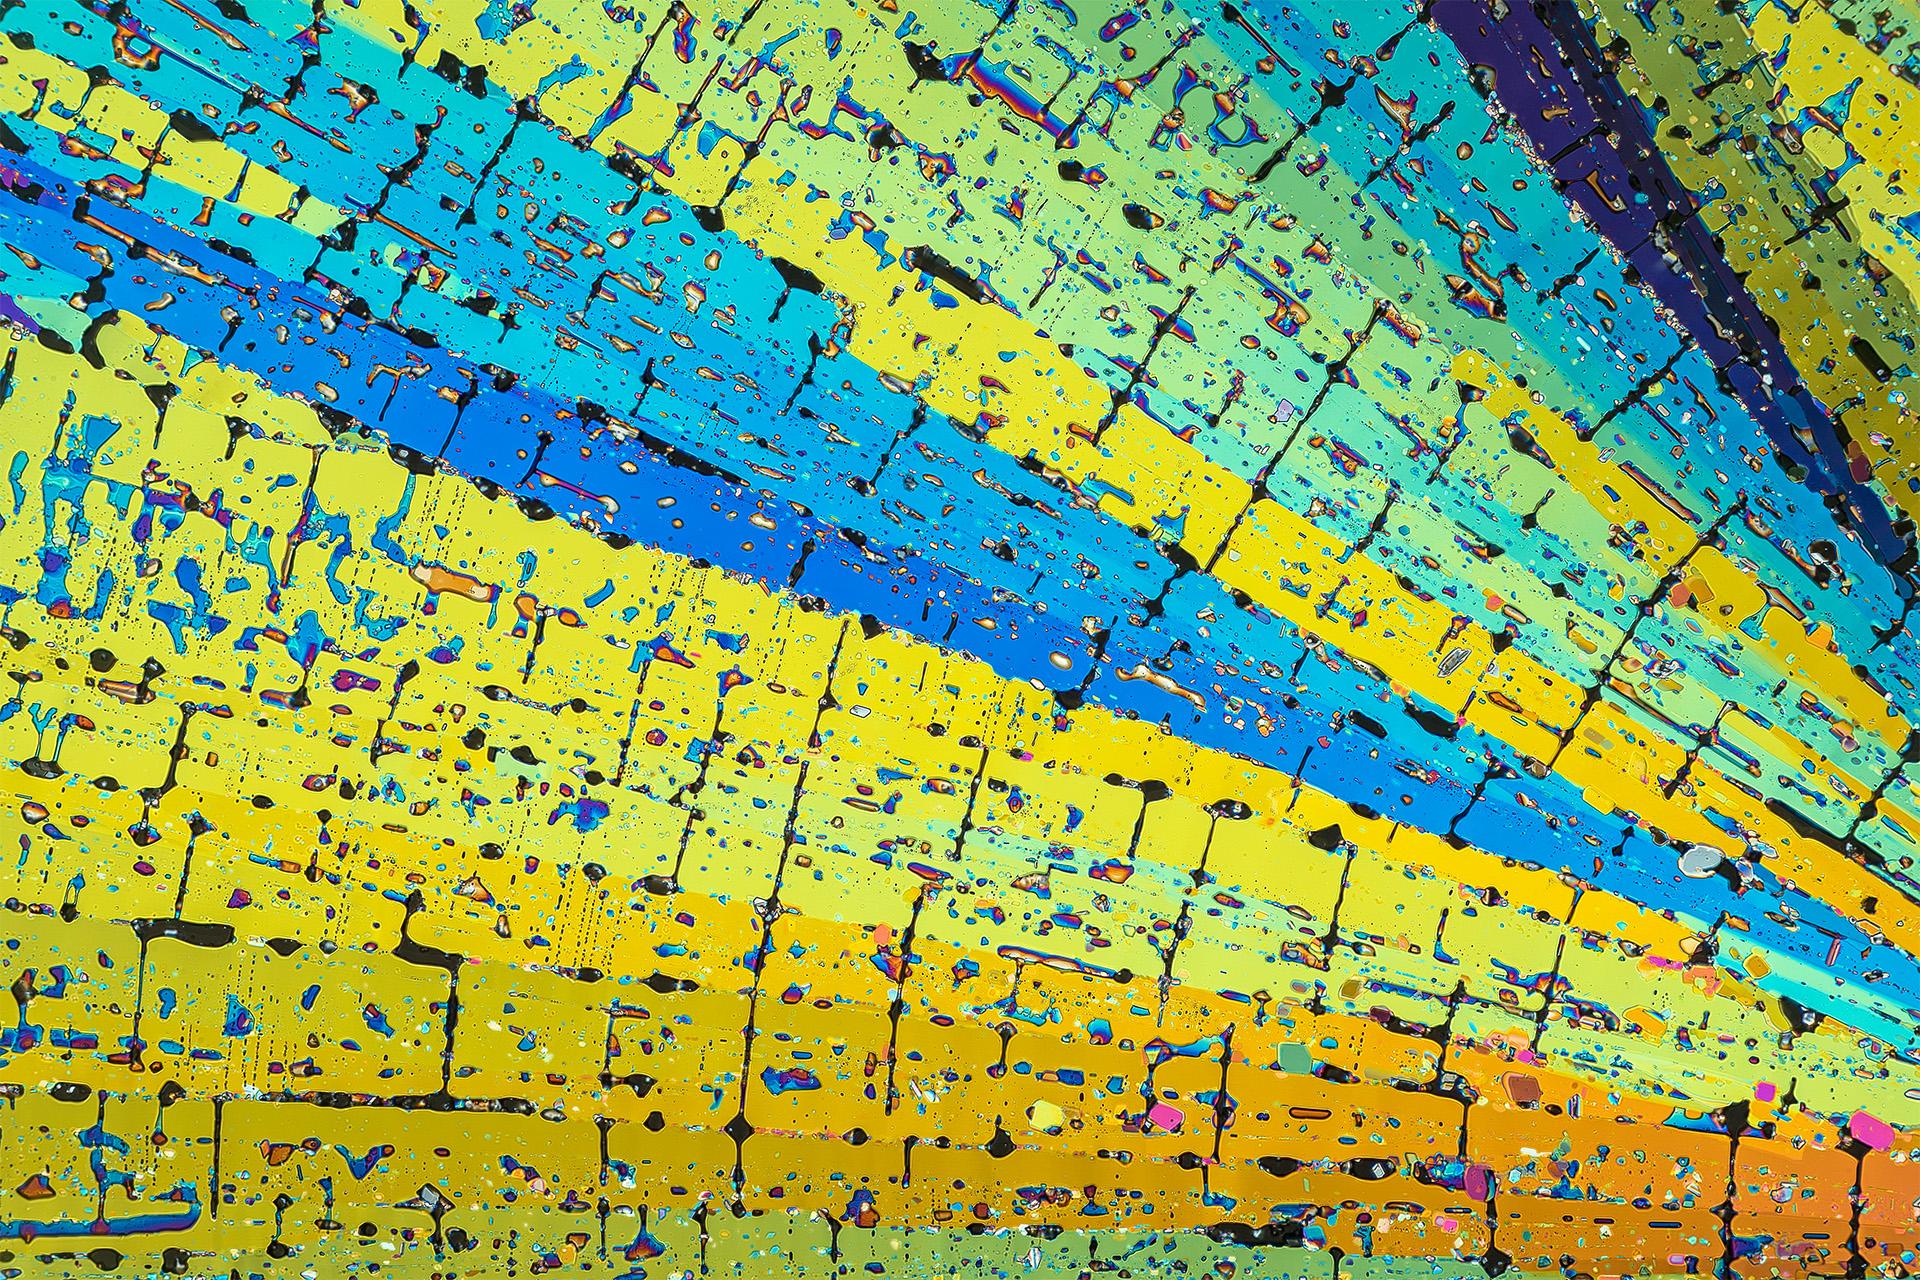 Oxalsäure in einer Vergrößerung von 250:1, Mikro Kristall im polarisierten Licht.